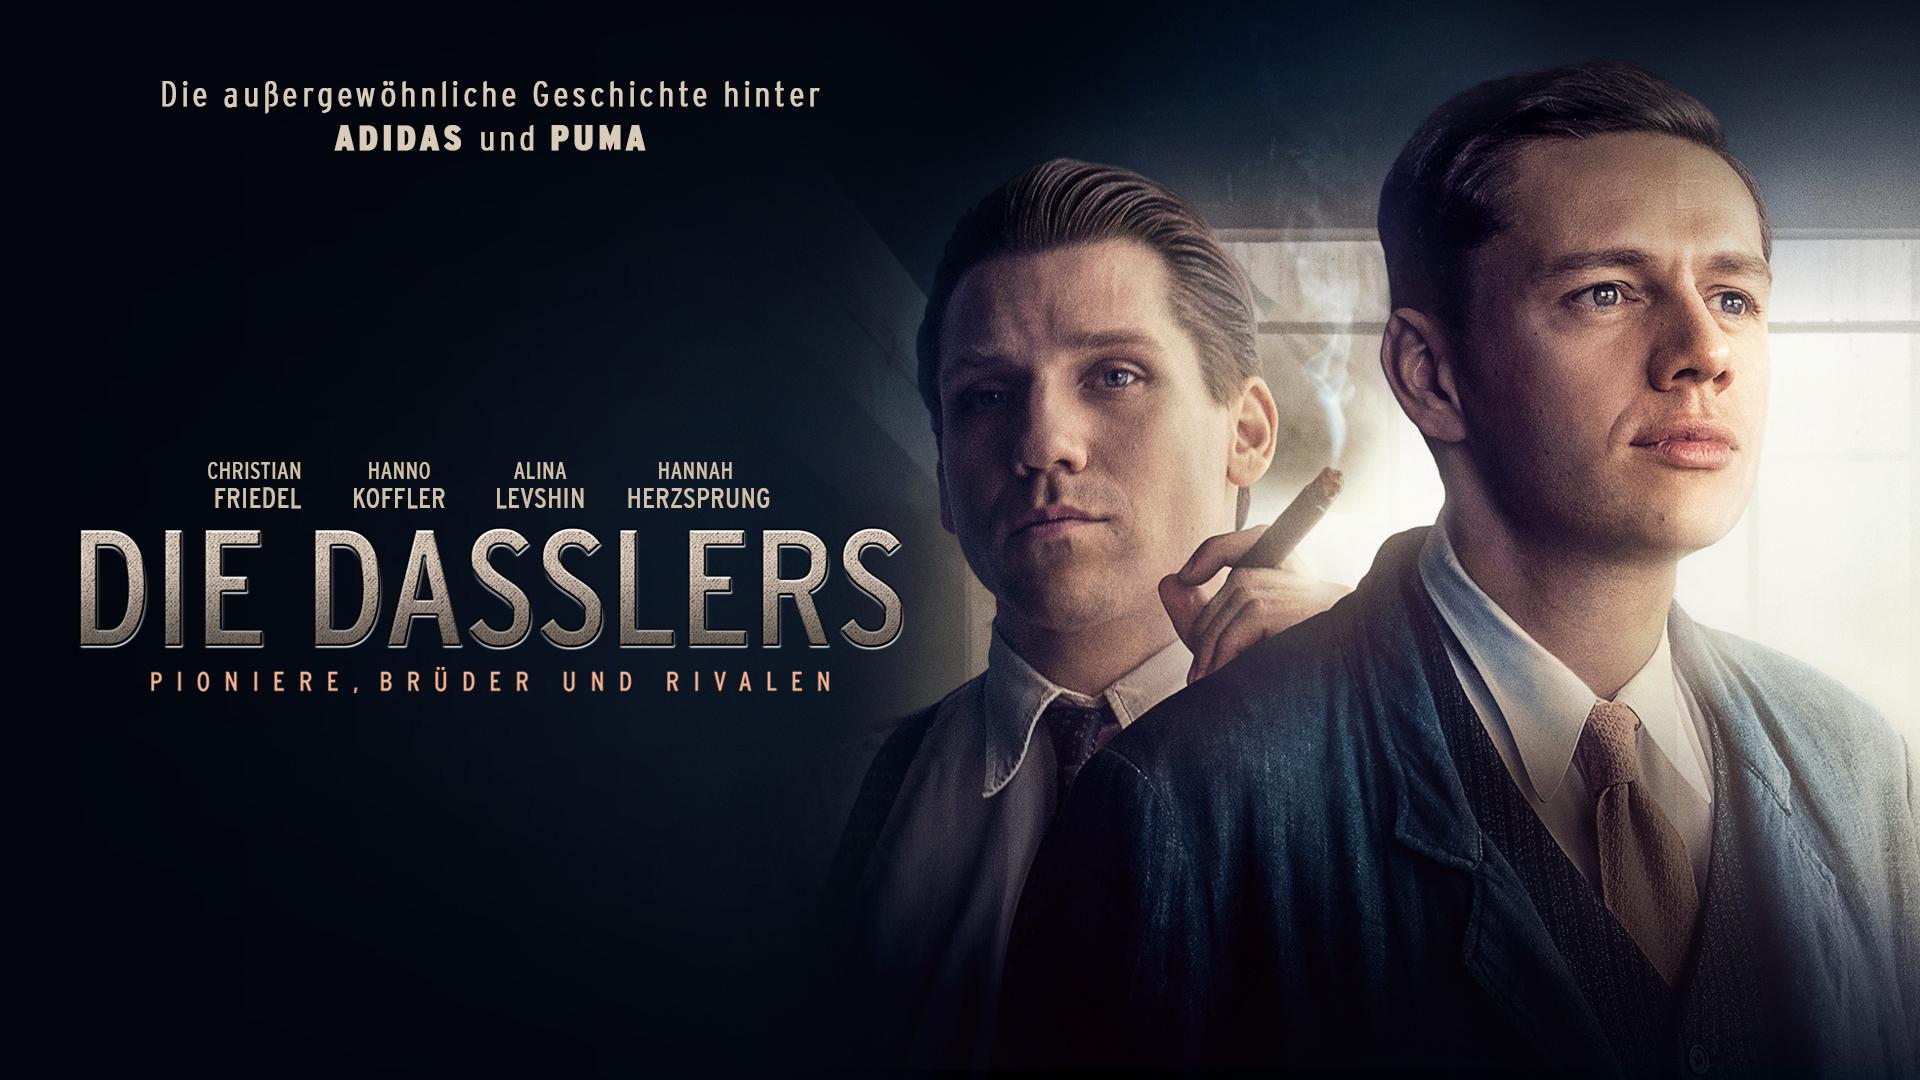 Die Dasslers: Pioniere, Brüder und Rivalen